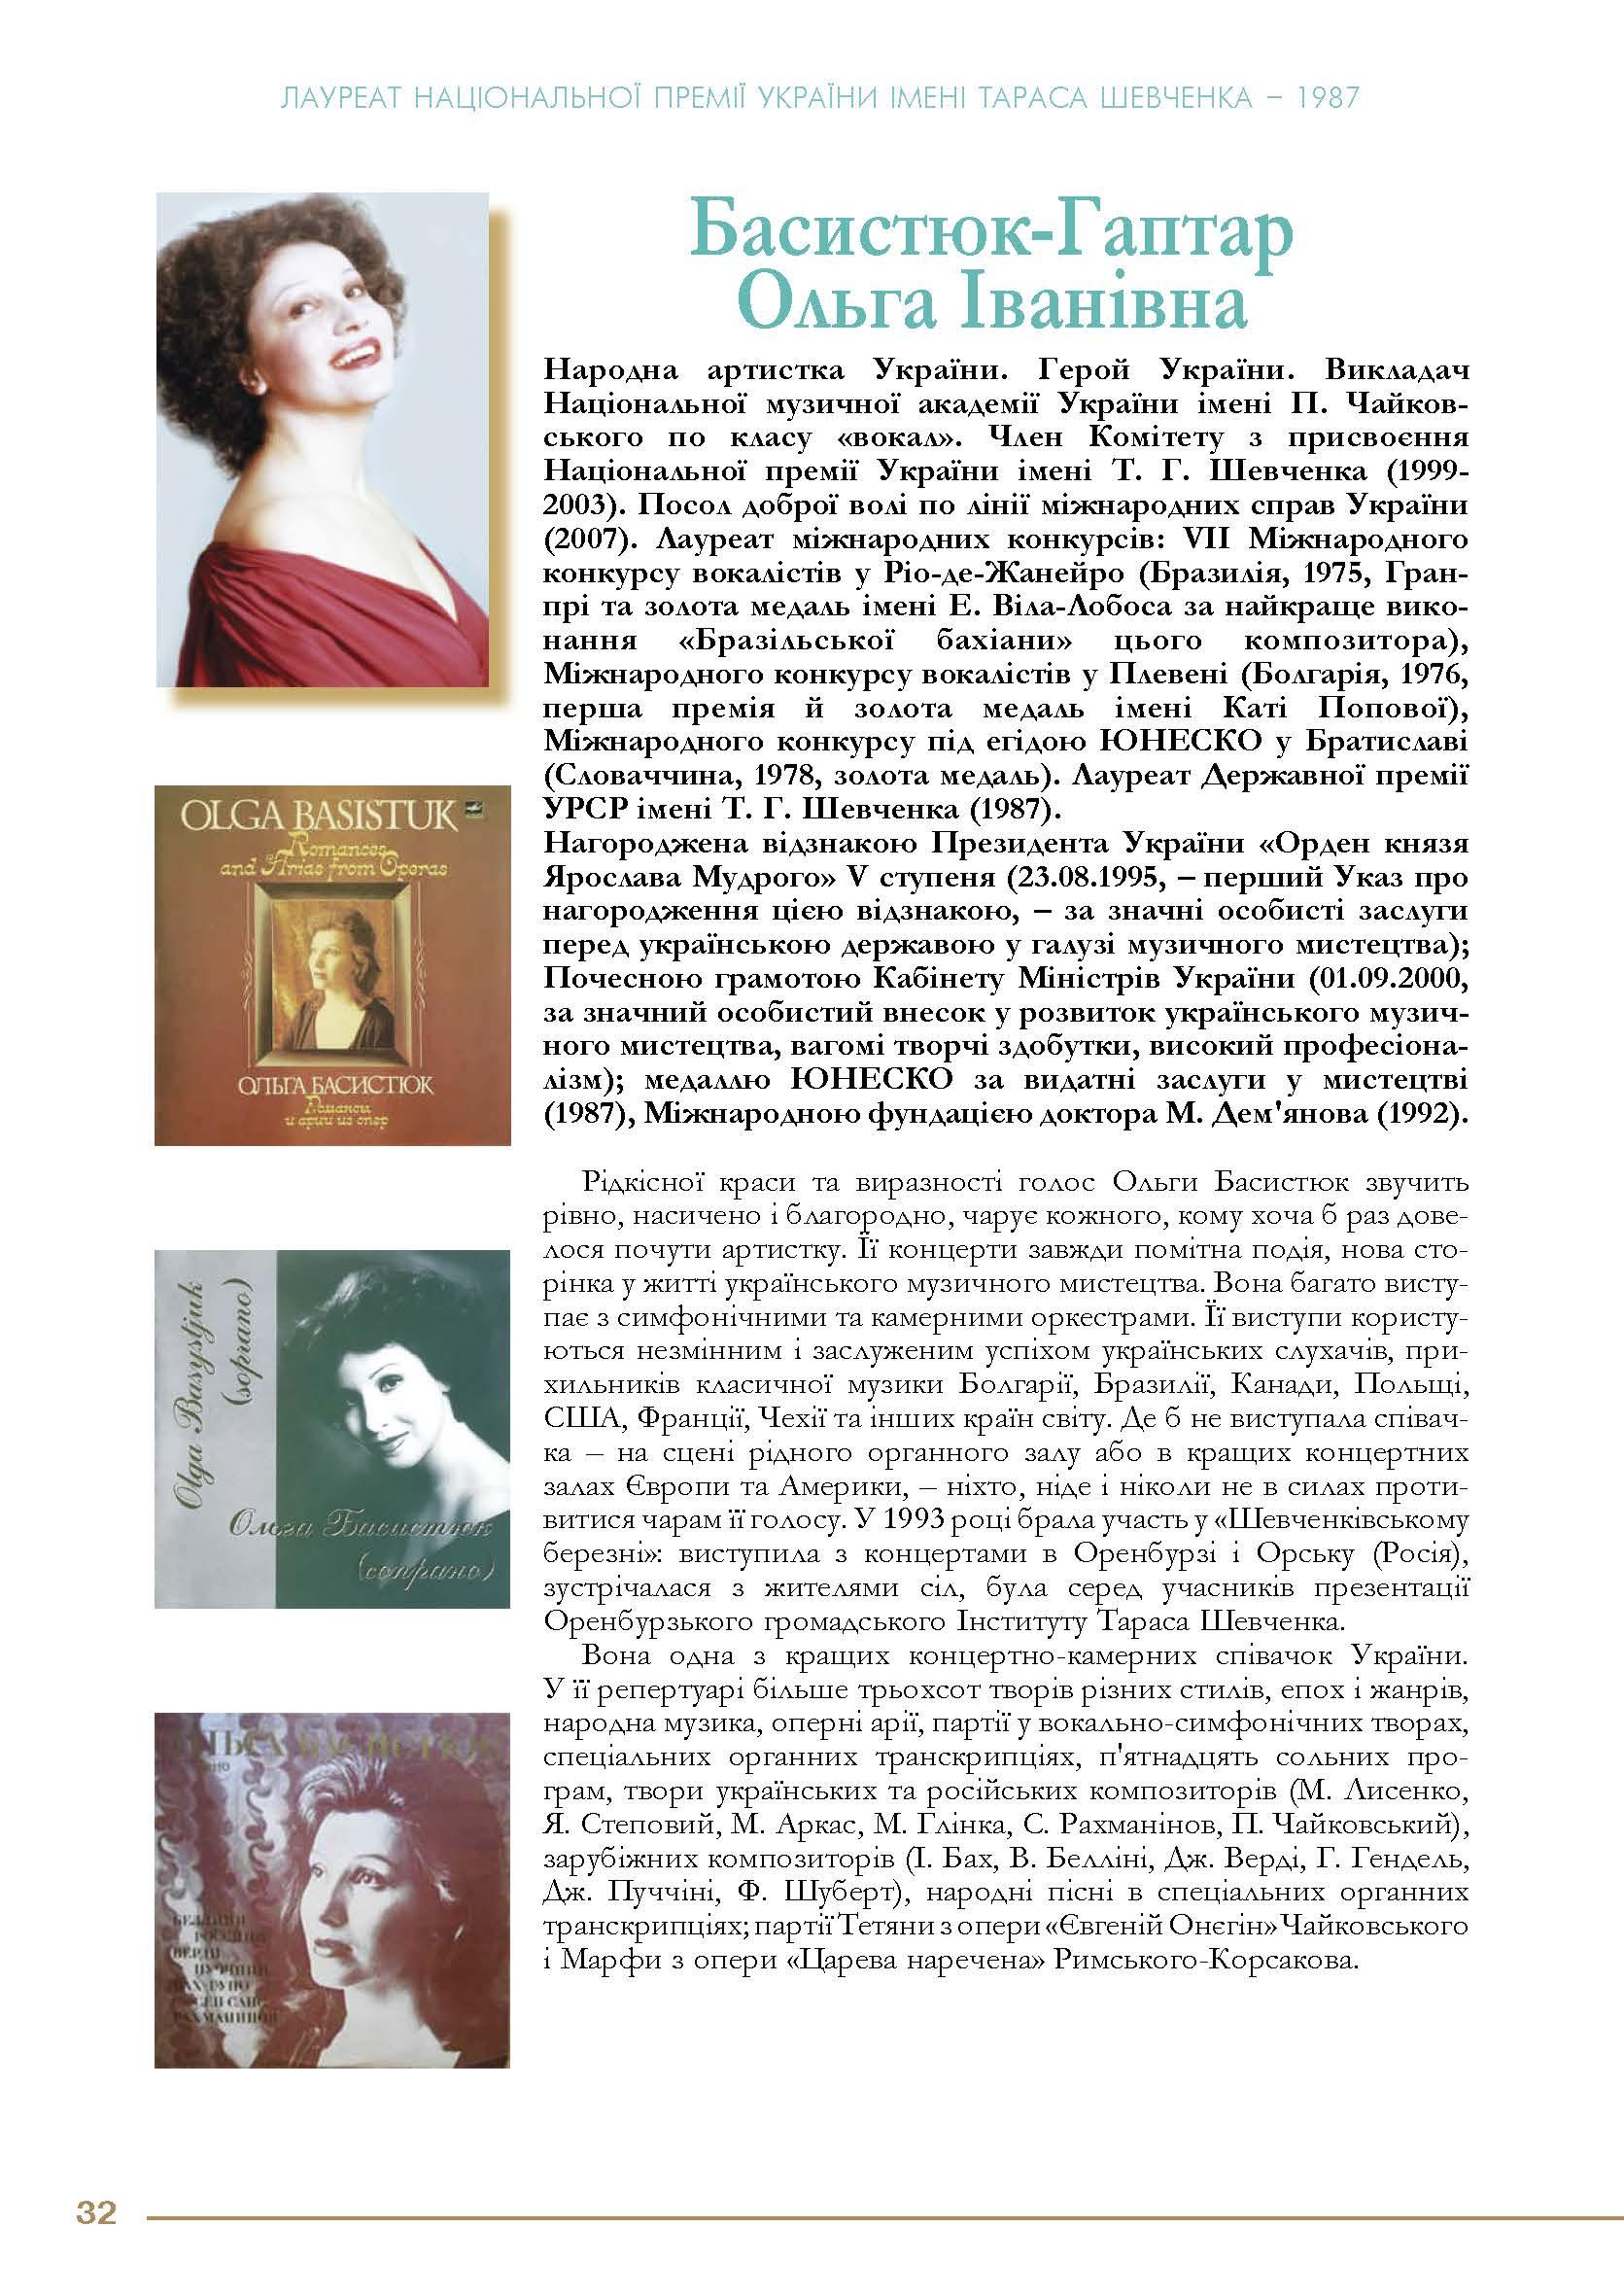 Басистюк-Гаптар Ольга Іванівна